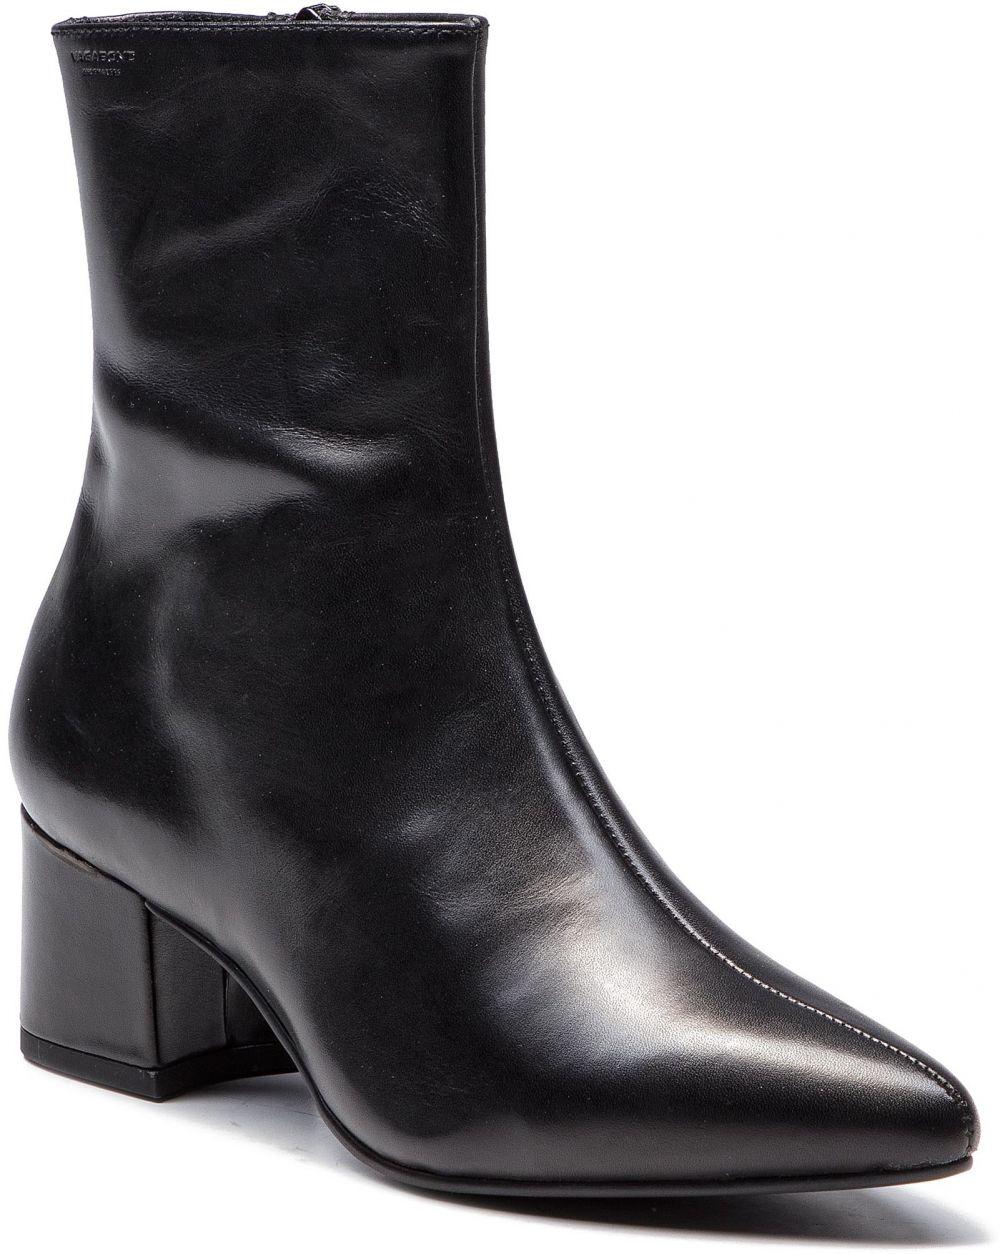 515f9950b617 Členková obuv VAGABOND - Mya 4619-001-20 Black značky Vagabond - Lovely.sk